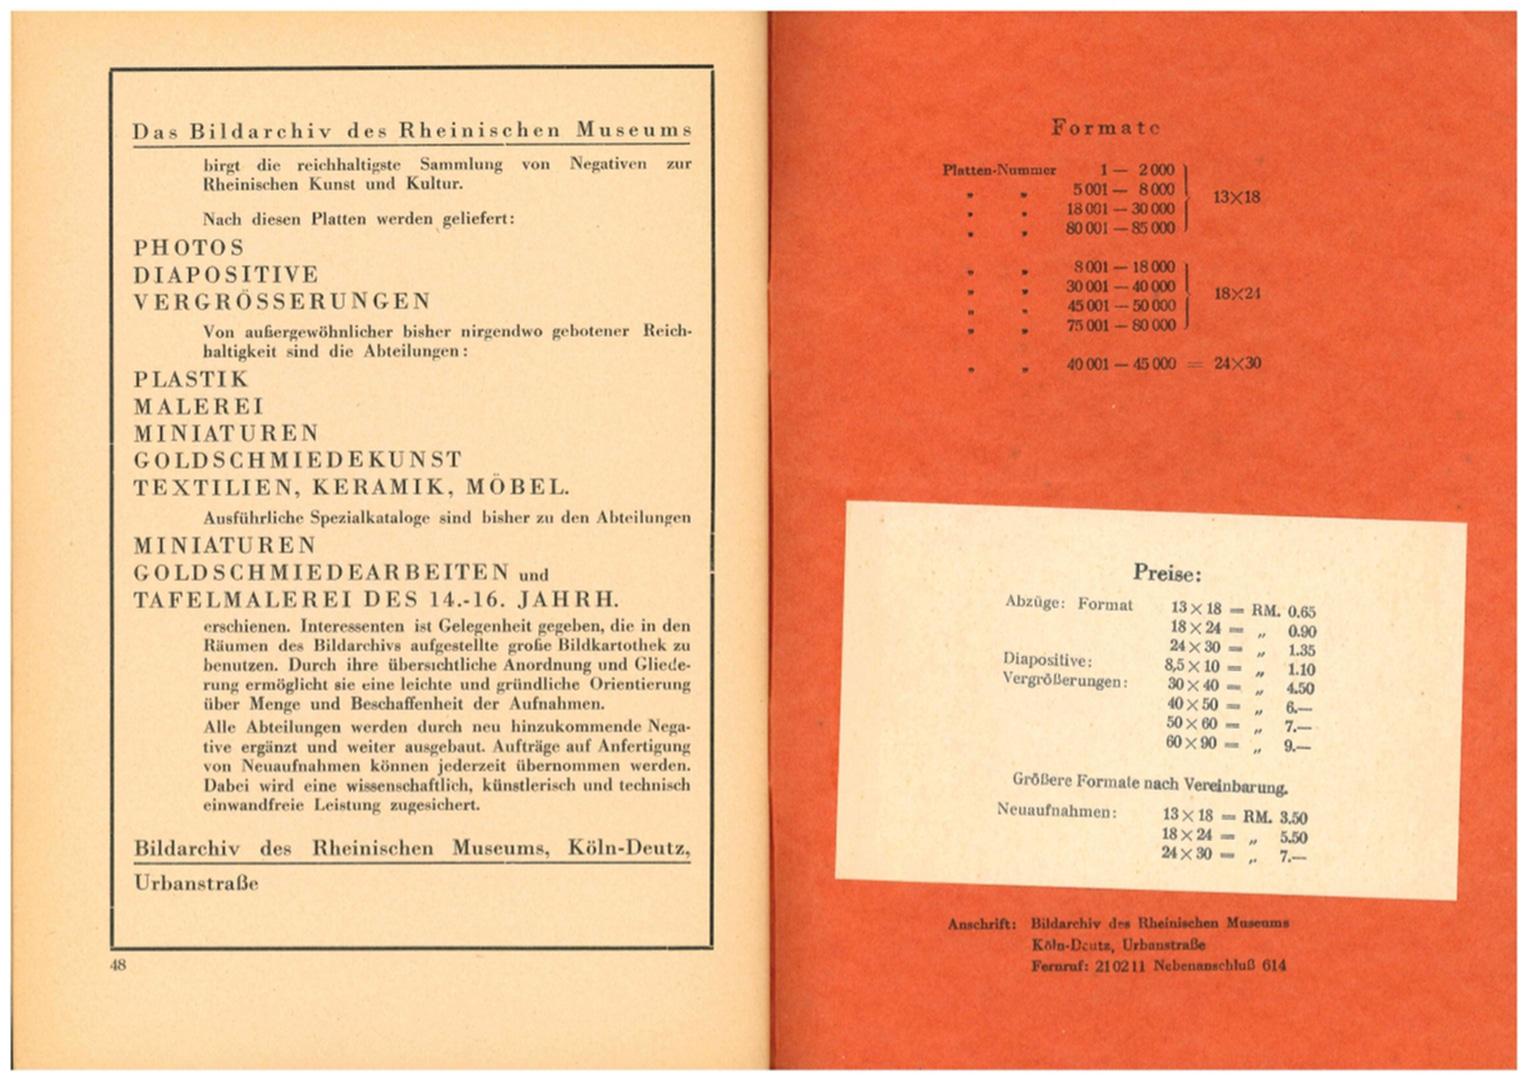 Bildarchiv des Rheinischen Museums Köln 1935 Tafelmalerei Preise.jpg